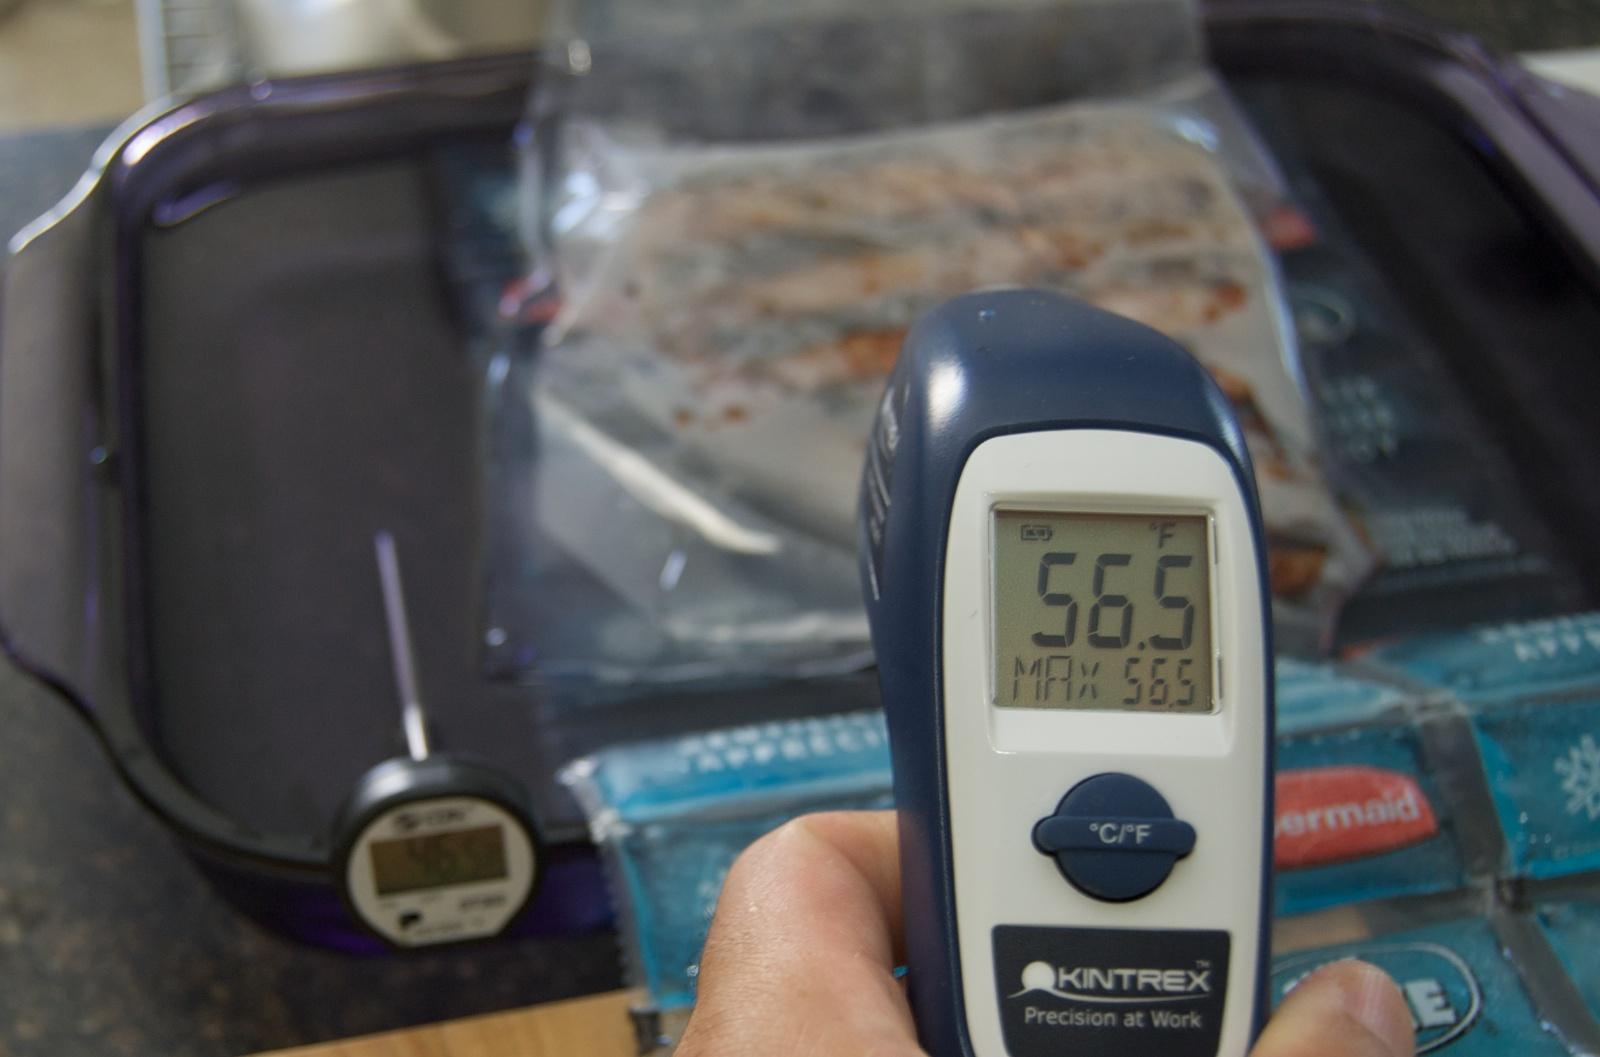 http://blog.rickk.com/food/2010/07/12/chilling2.jpg